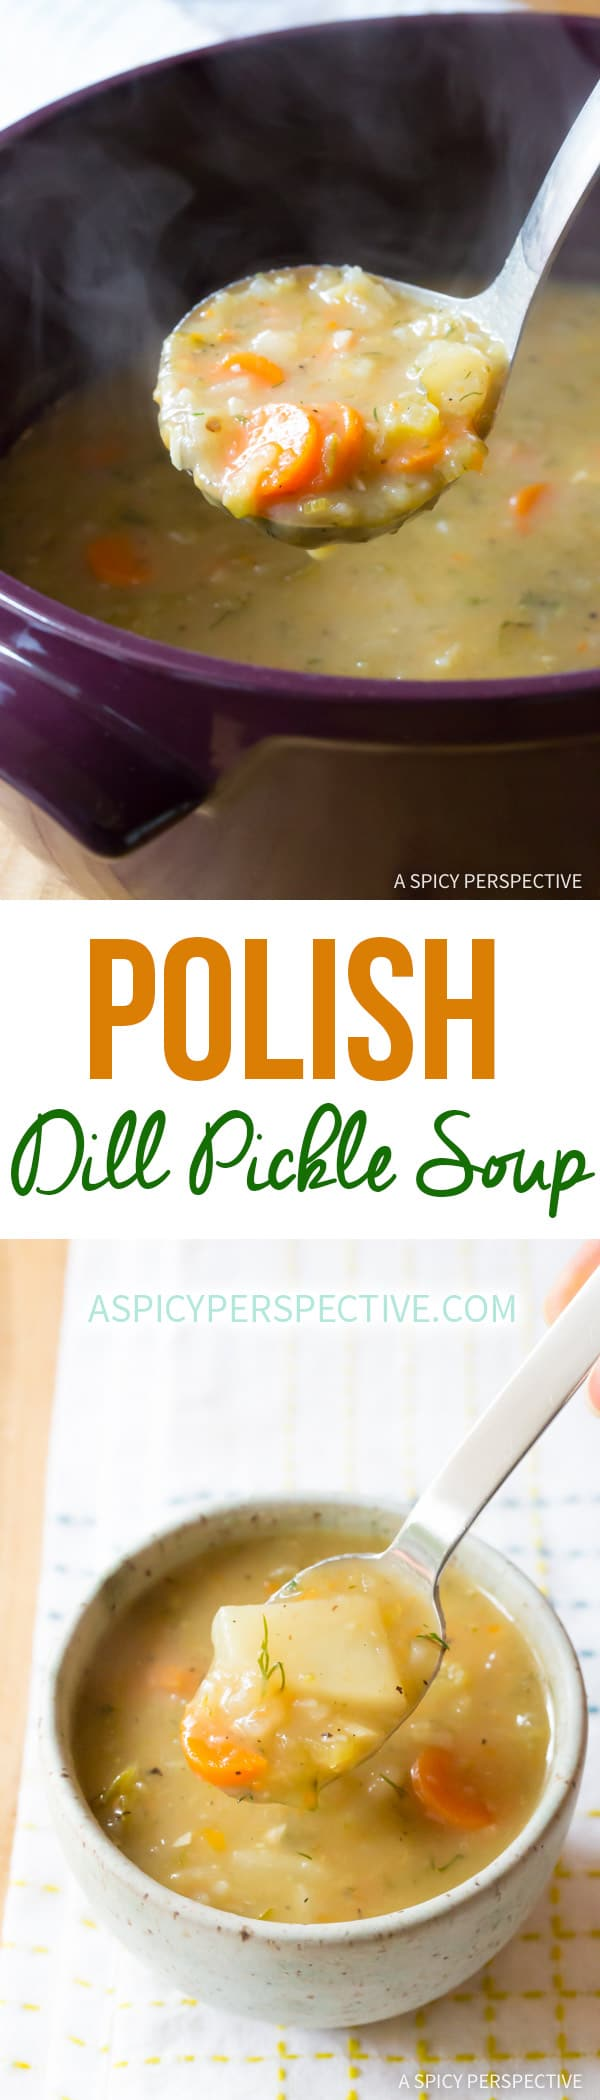 Polish Dill Pickle Soup (AKA Polish Potato Soup)